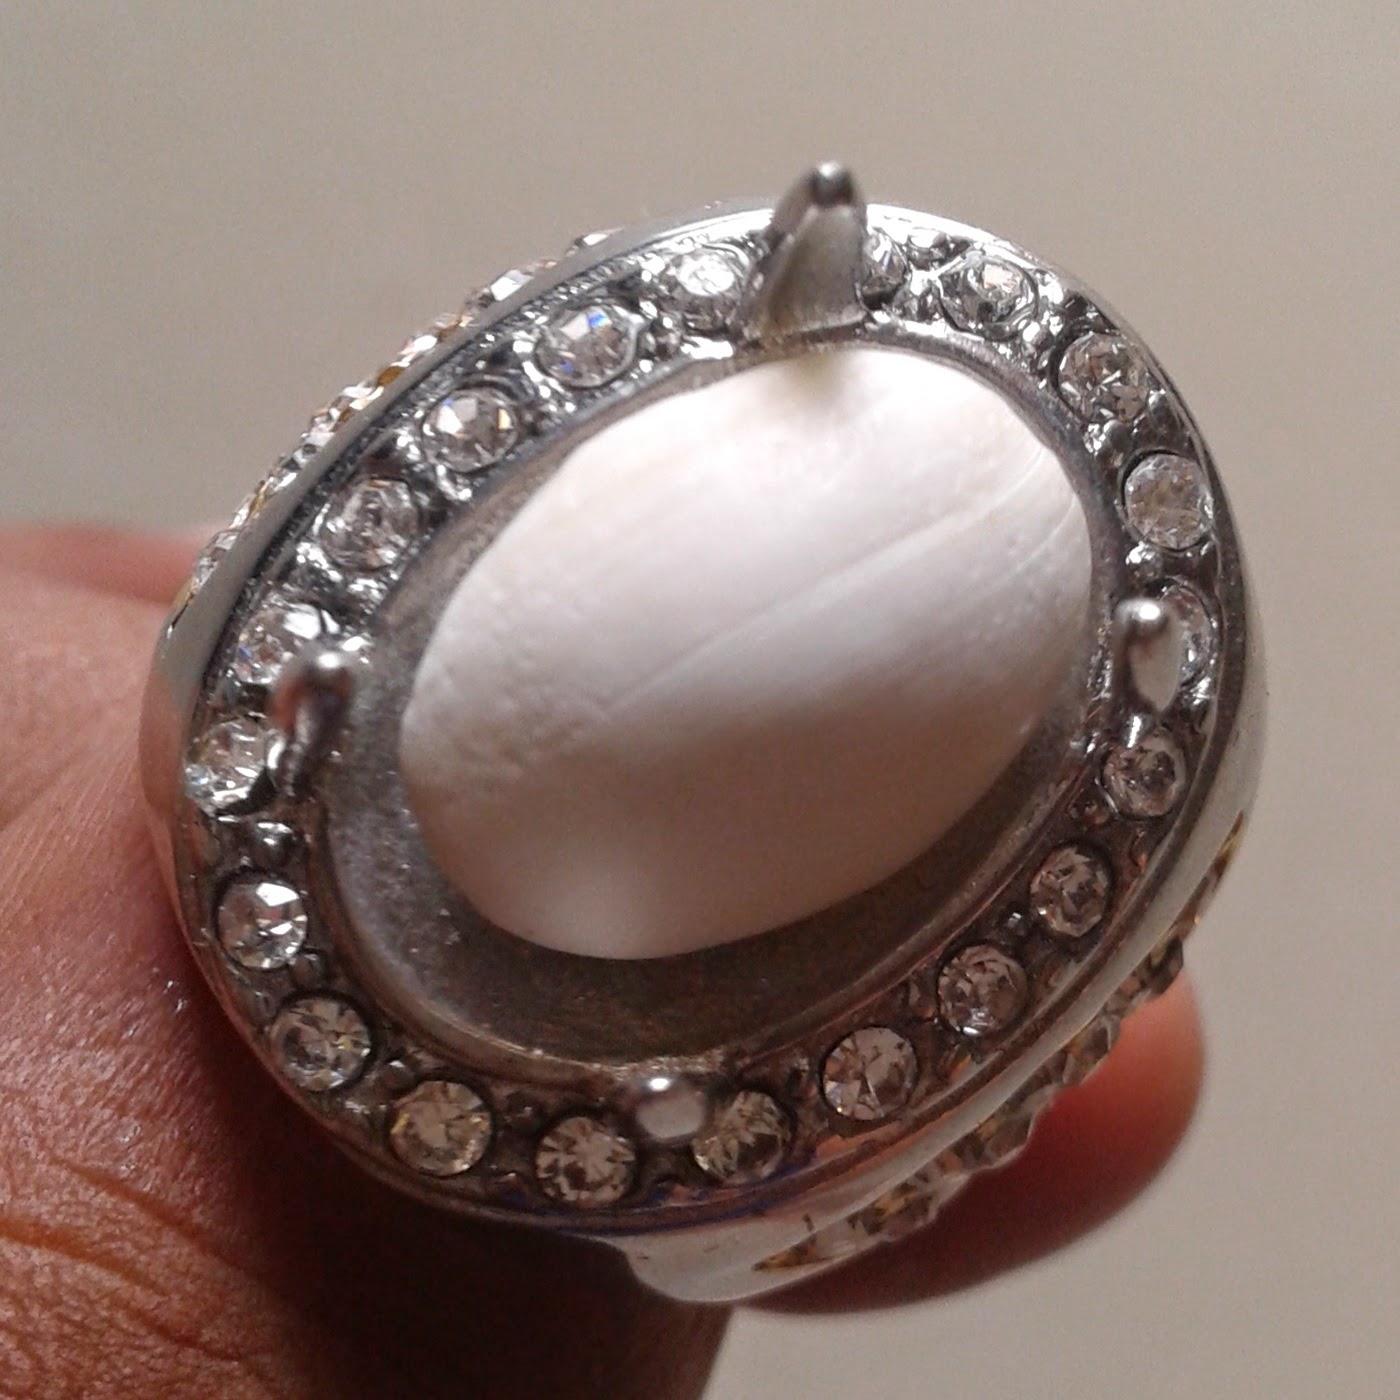 Batu Mustika Kelapa - Mustika Kelapa Bertuah _ Manfaat Batu Mustika Kelapa - Tuah Batu Mustika Kelapa